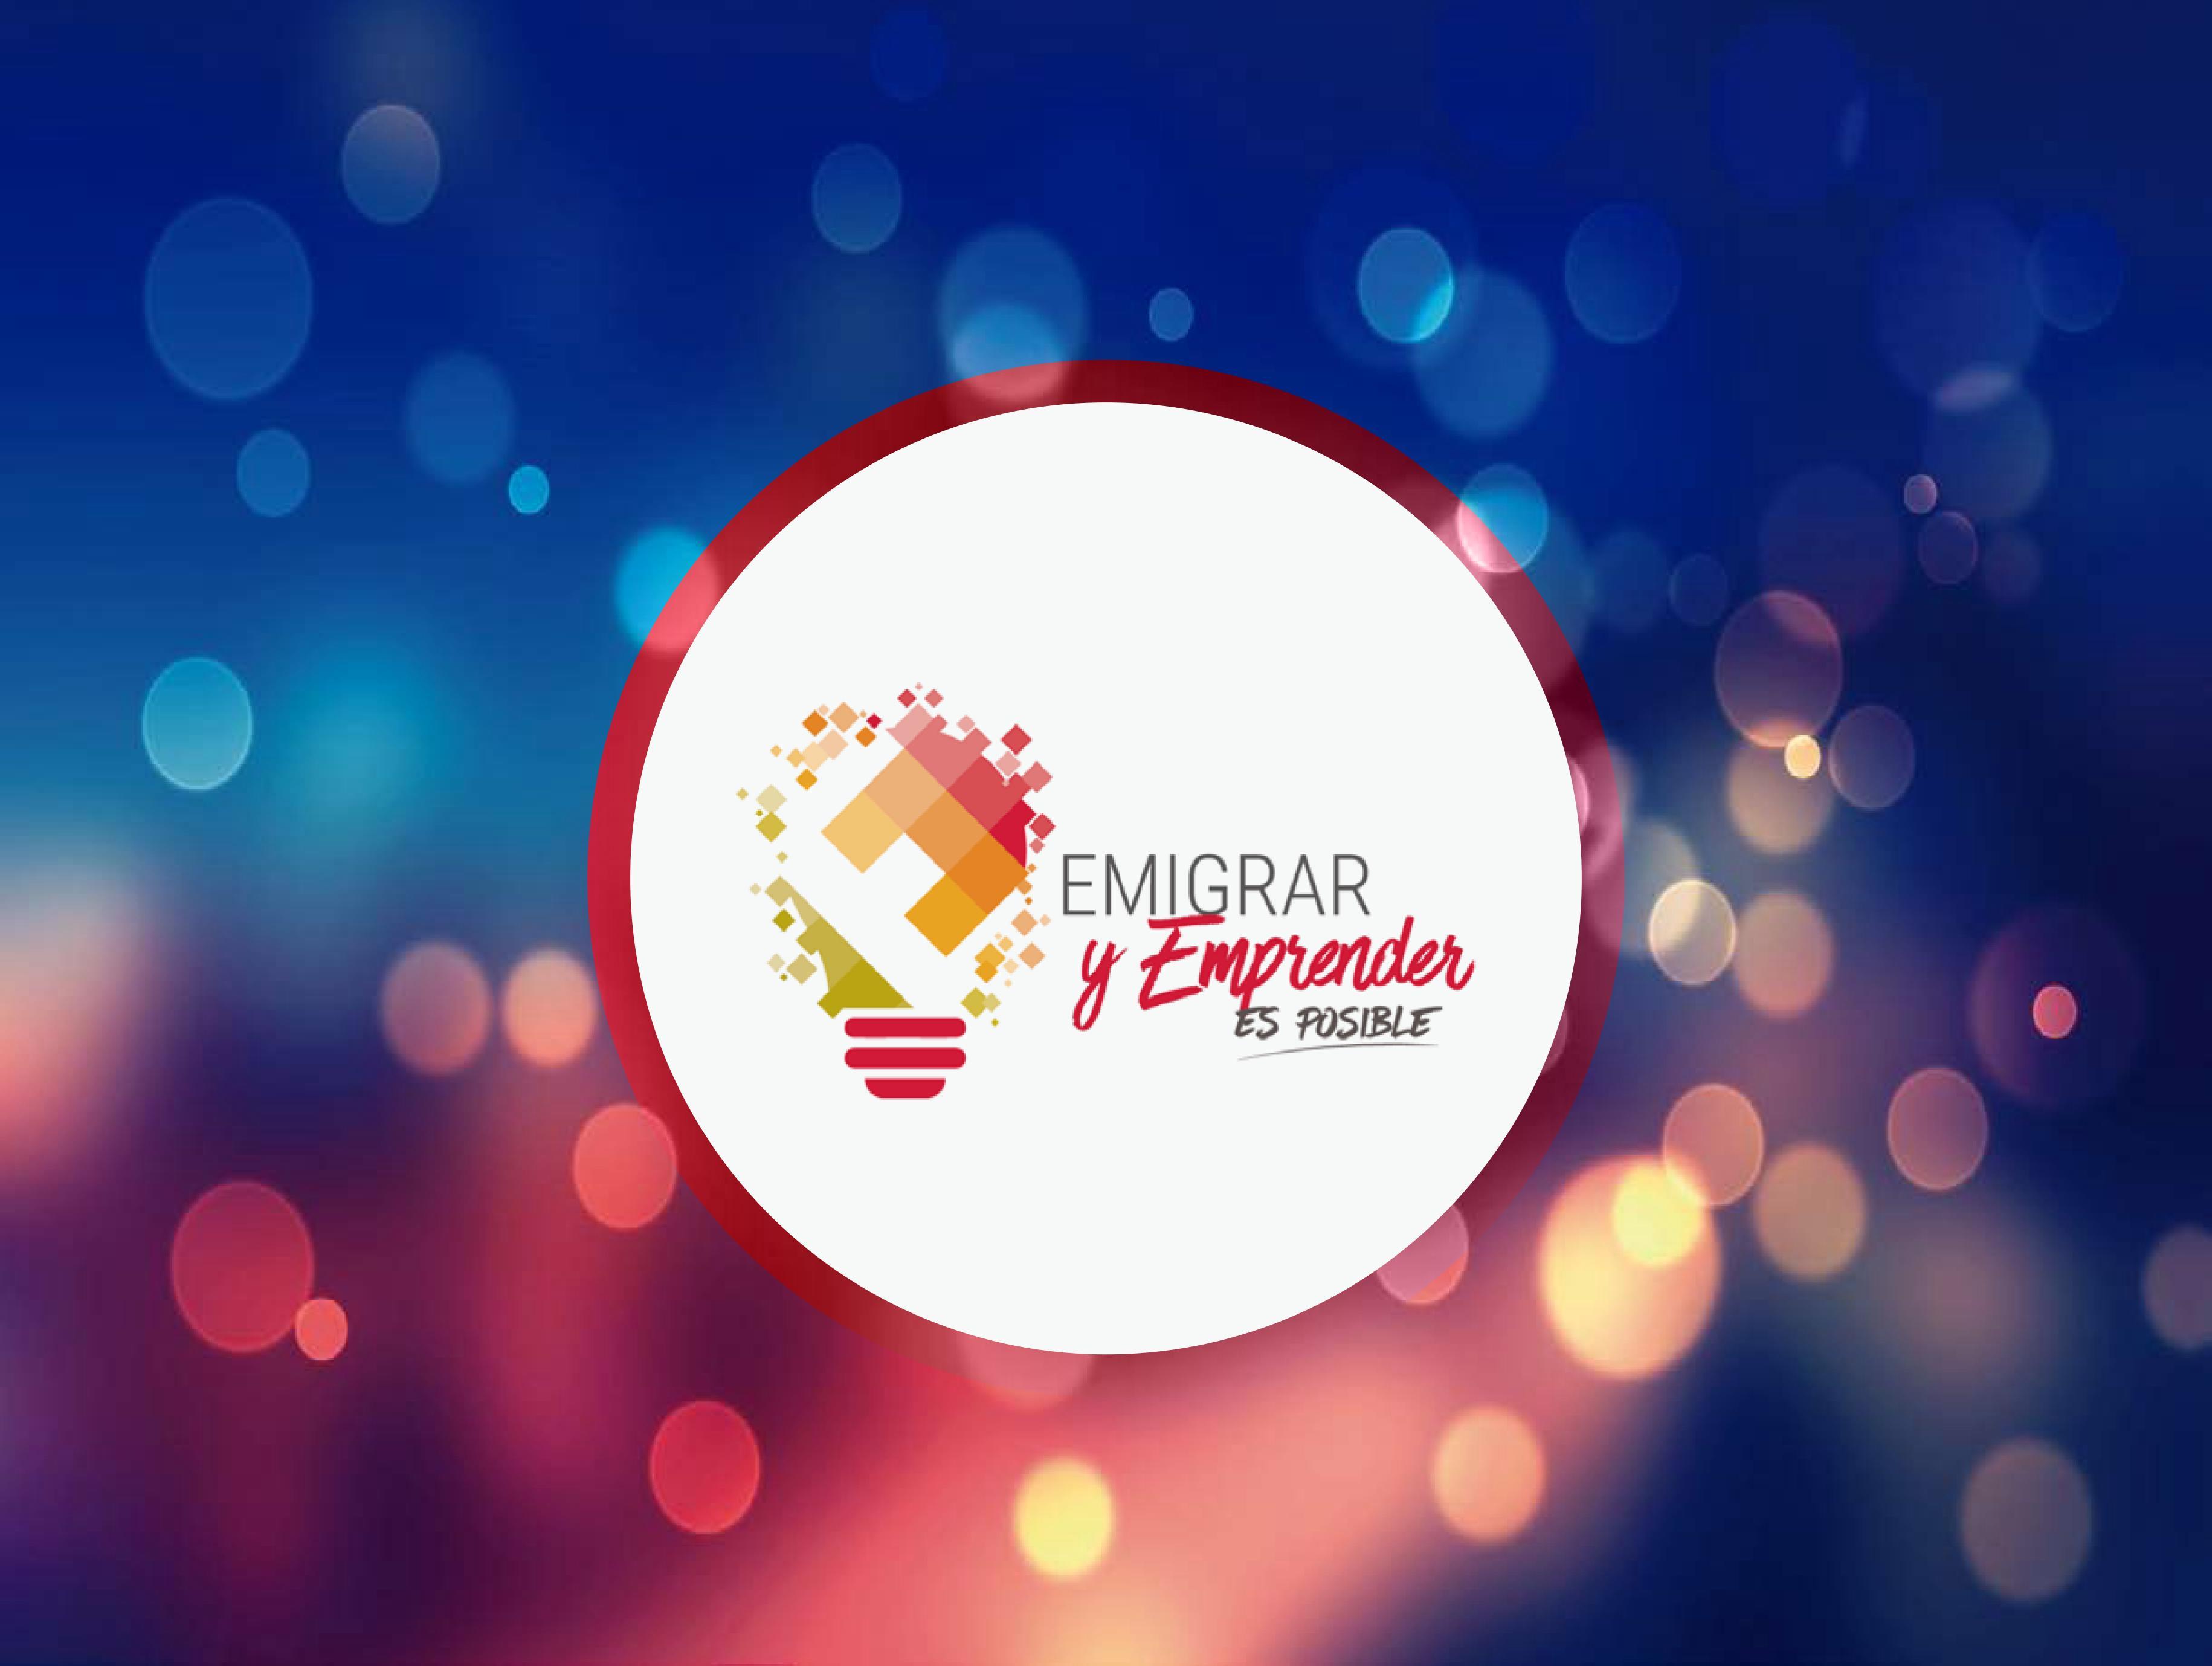 Jueves 31 mayo Emigrar y Emprender el evento